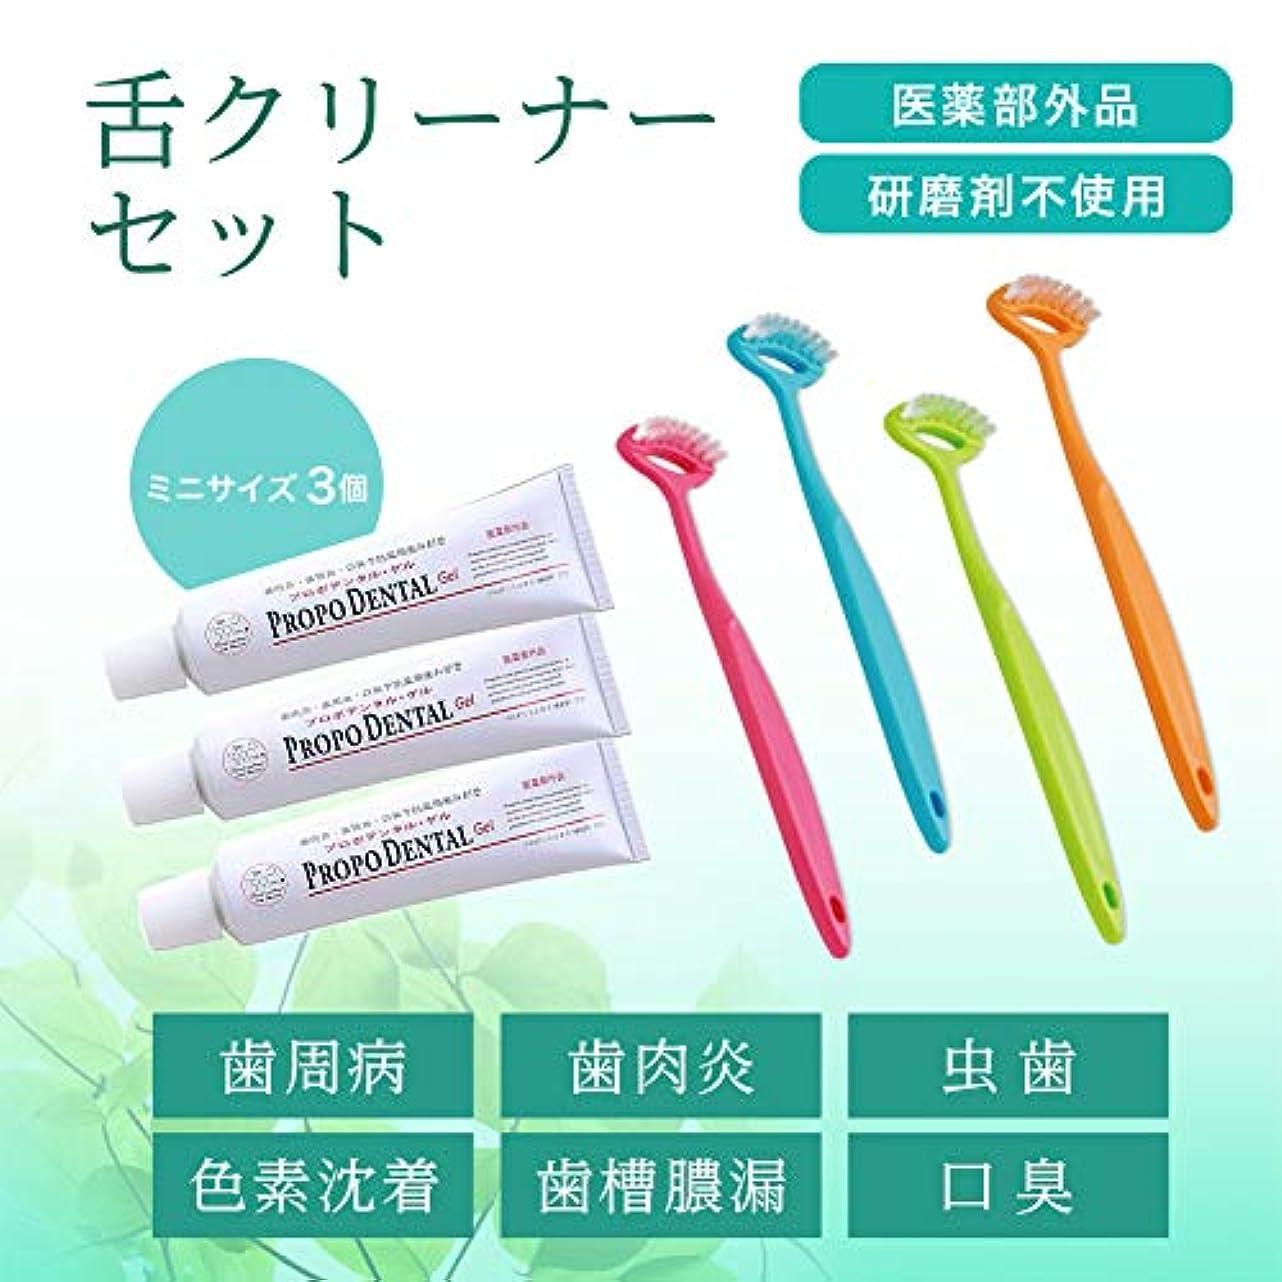 口臭予防 舌クリーニングセット 歯磨き 舌磨き 舌クリーナー はみがき 歯磨きジェル (ゲルのミニ3本+舌クリーナー)